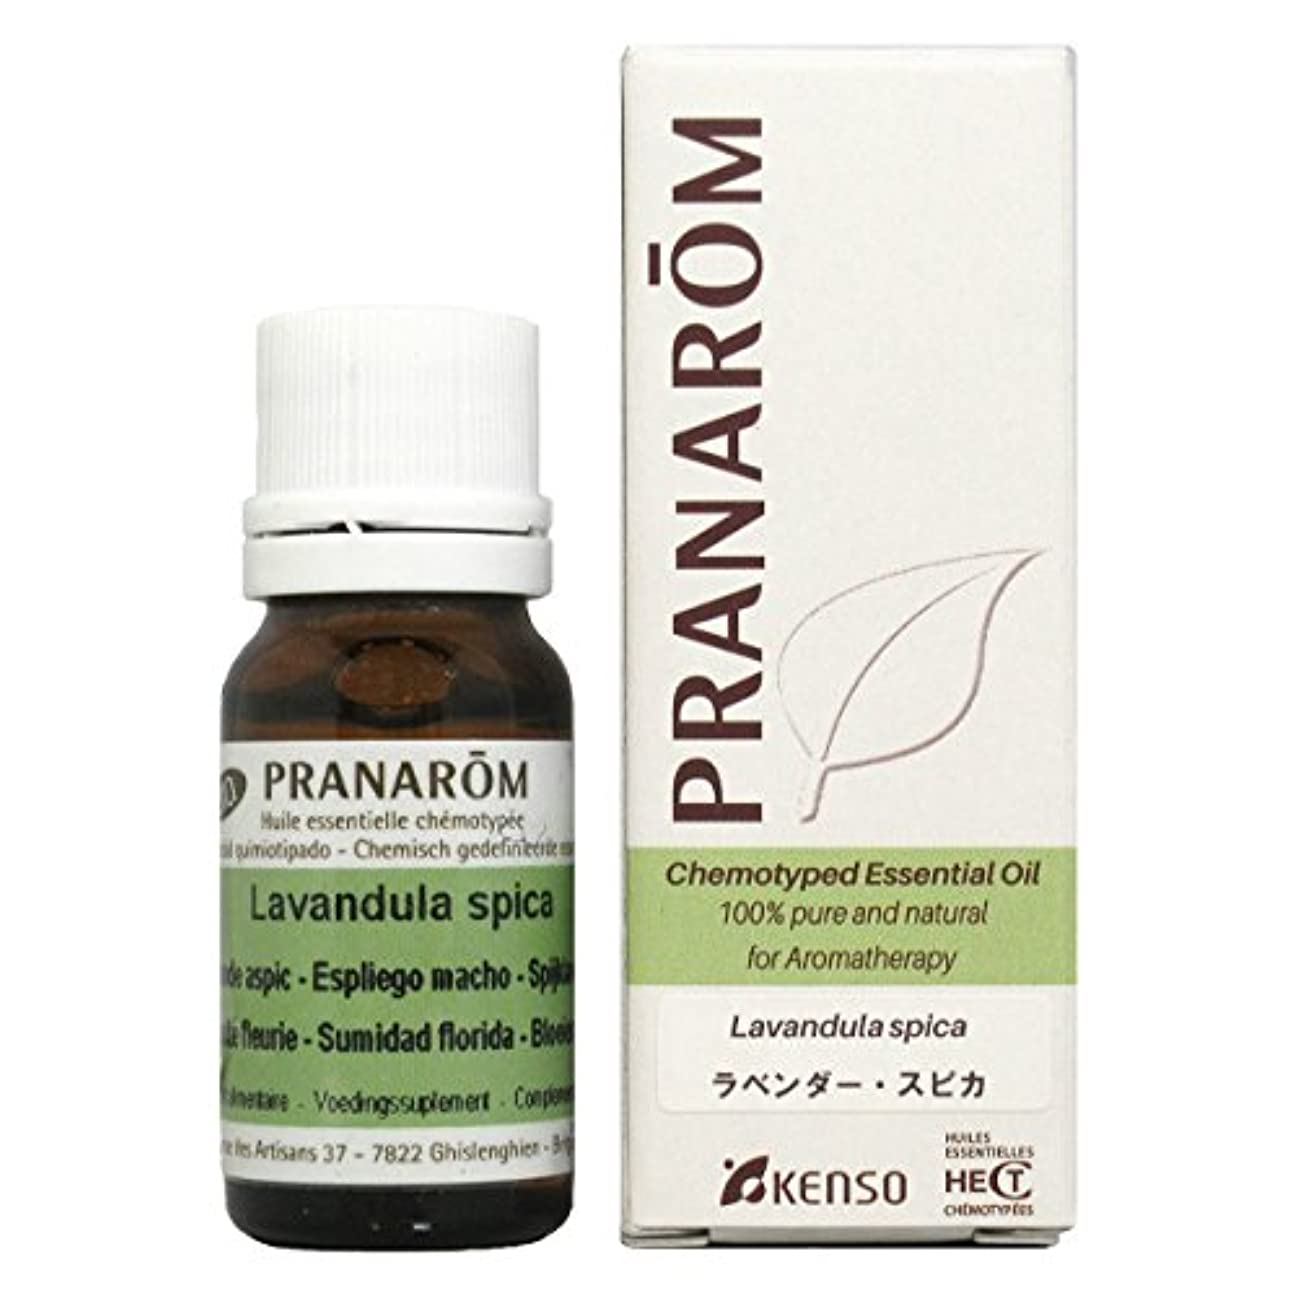 不利益影響を受けやすいです逃すプラナロム ラベンダースピカ 10ml (PRANAROM ケモタイプ精油)